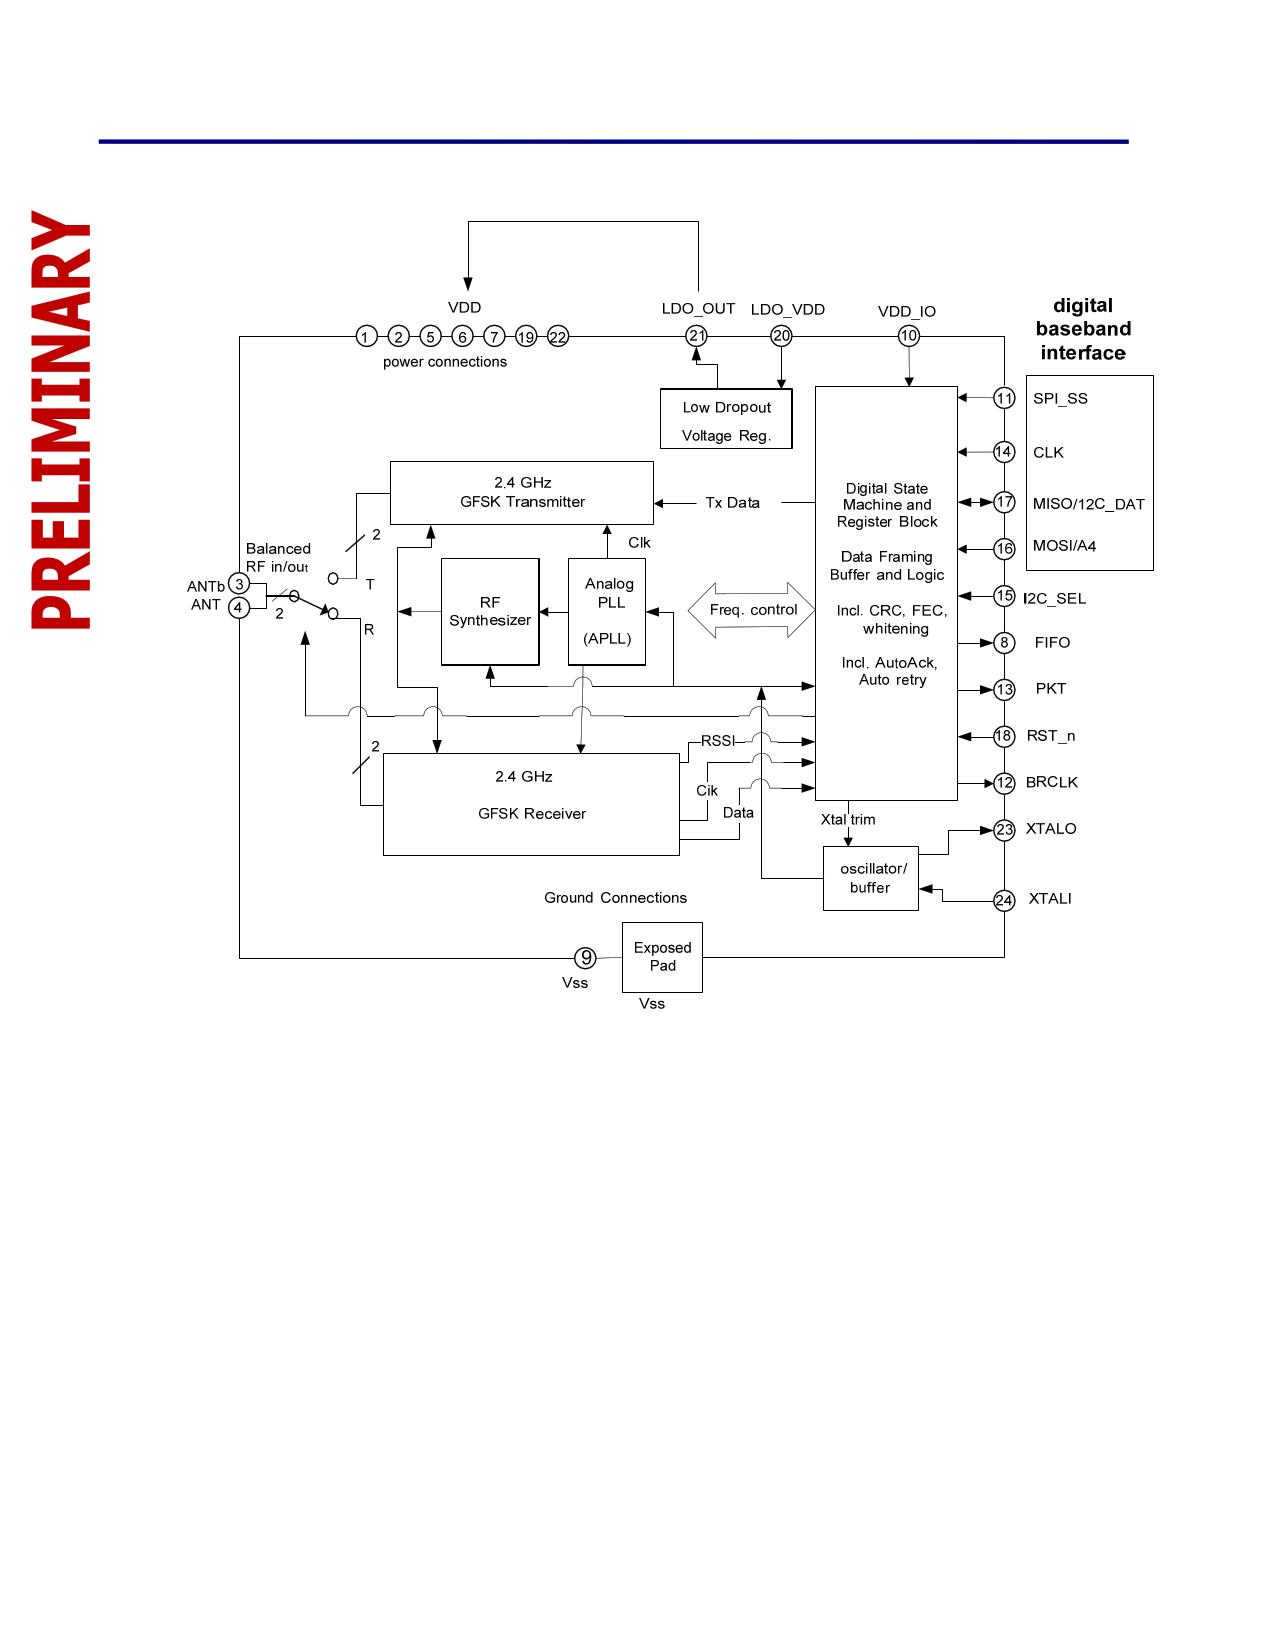 LT8900 pdf schematic